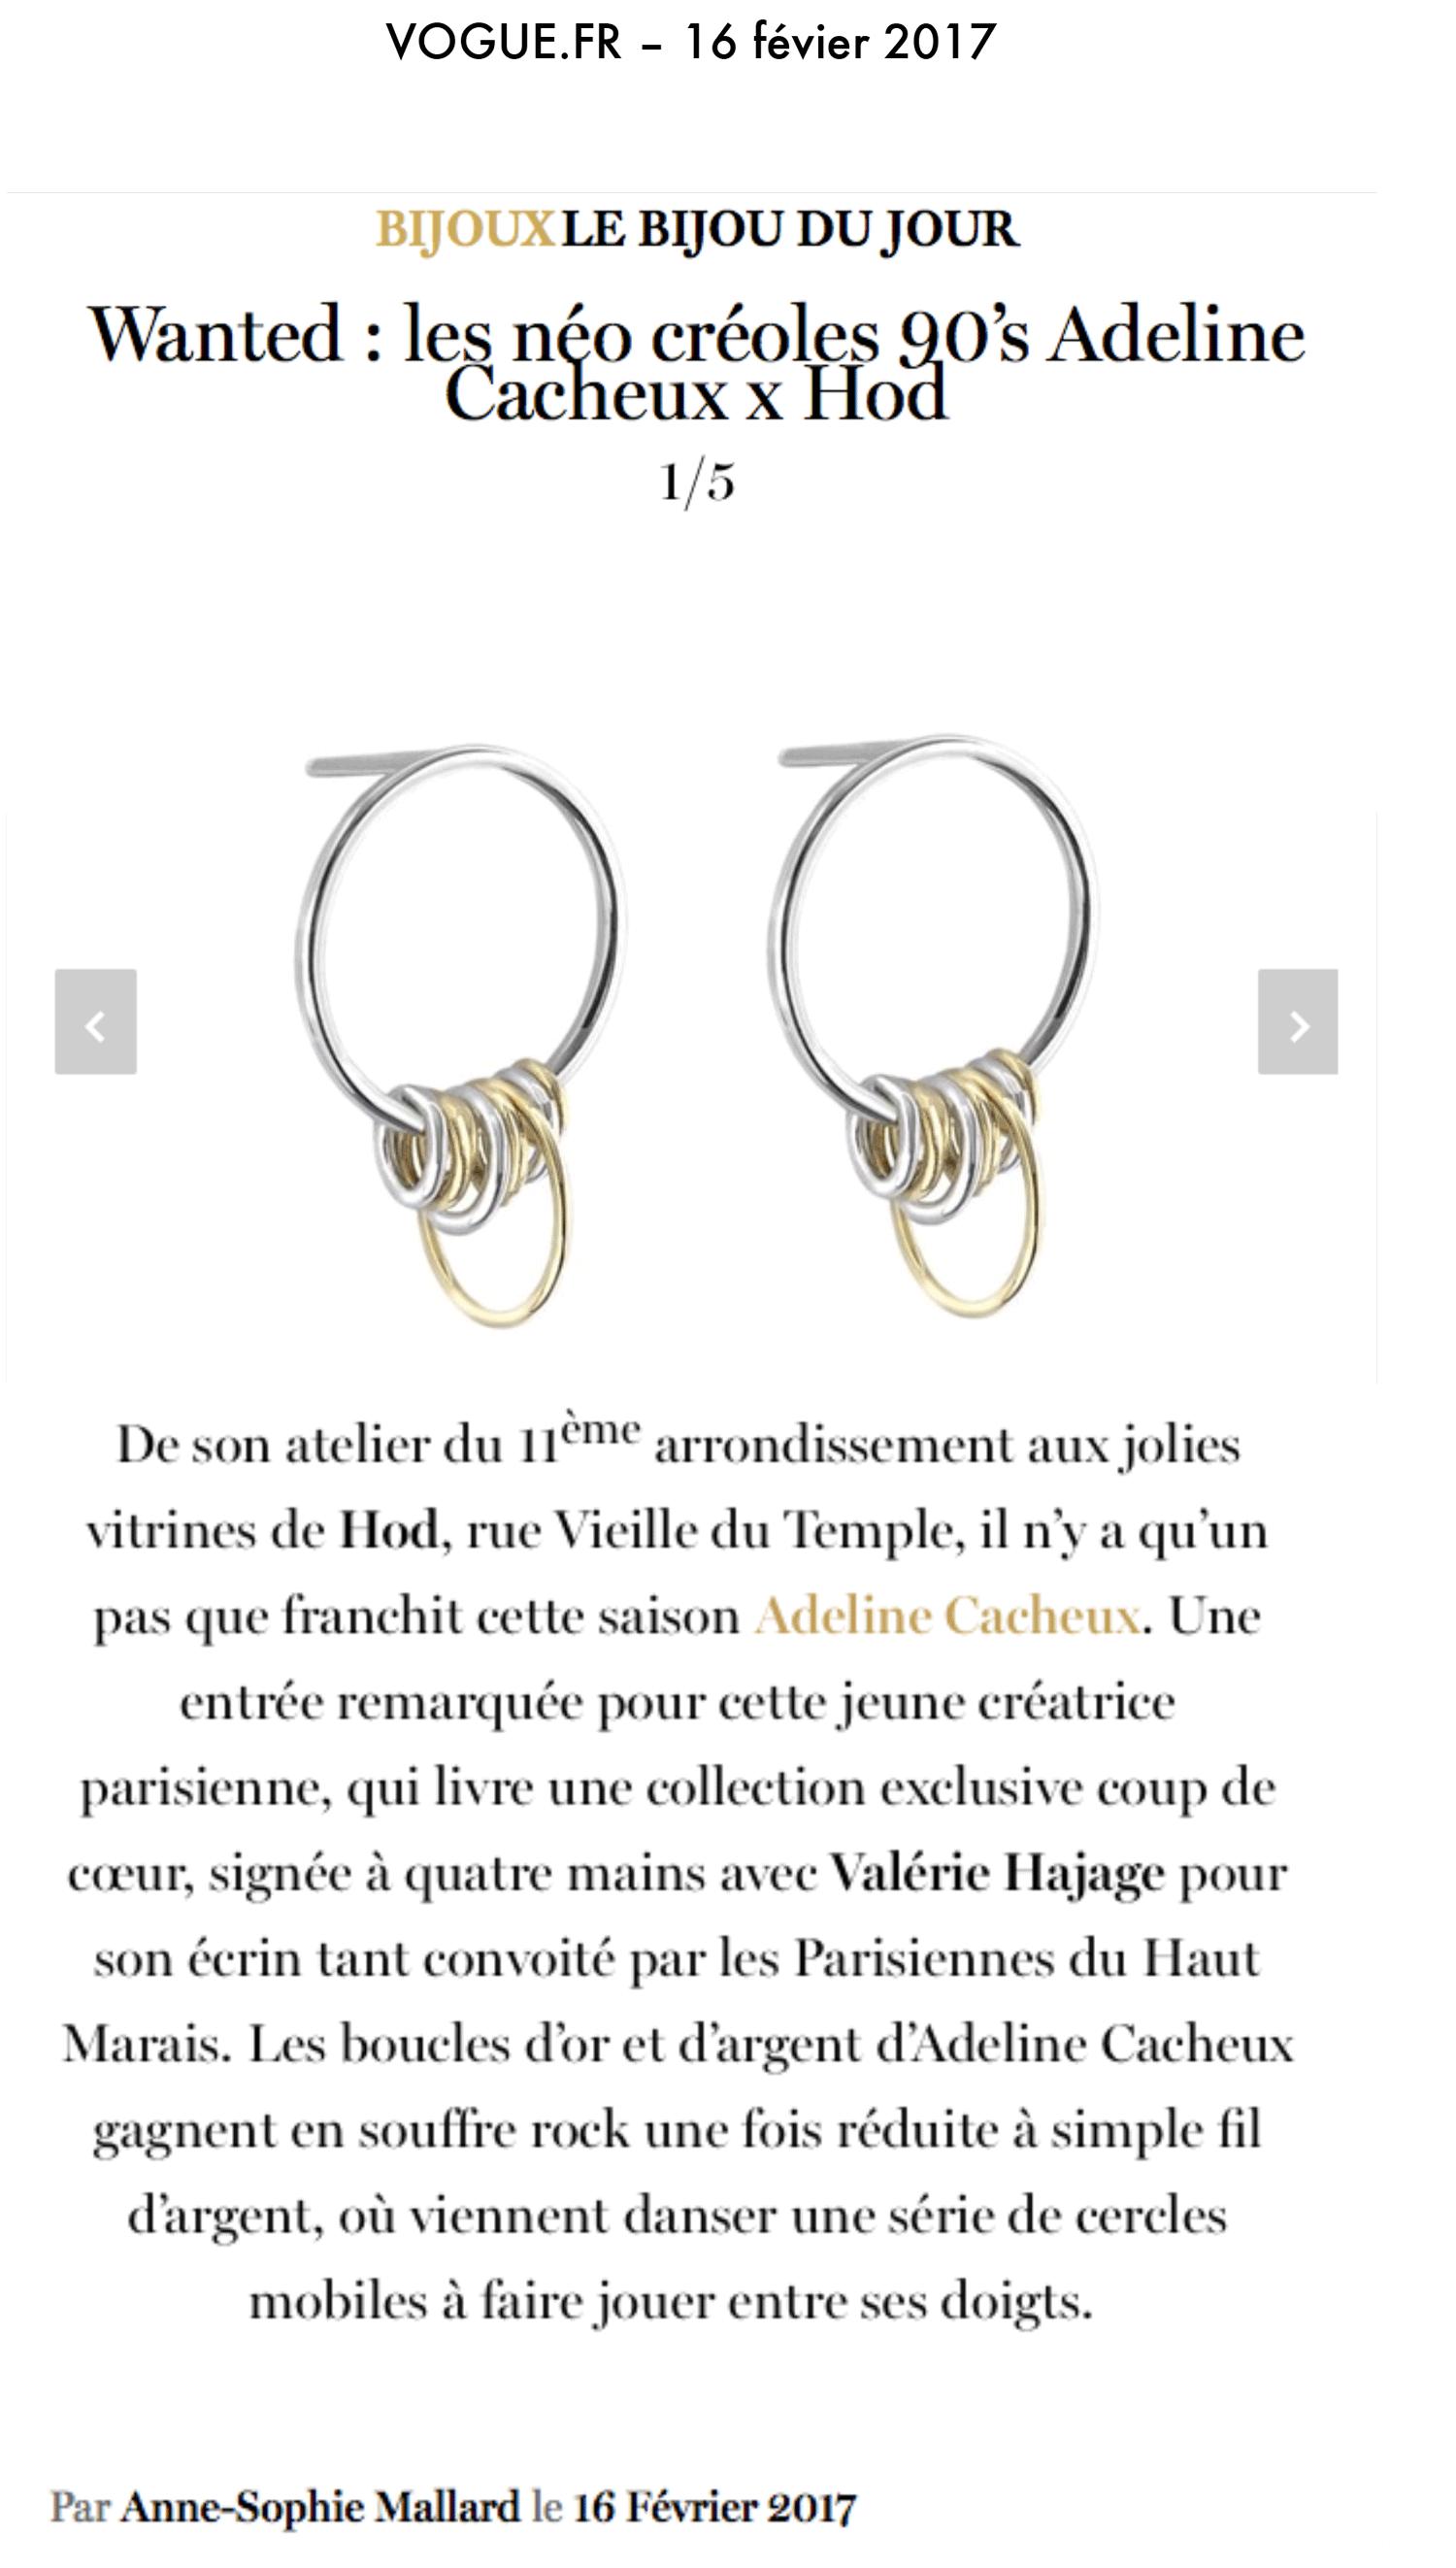 Adeline Cacheux